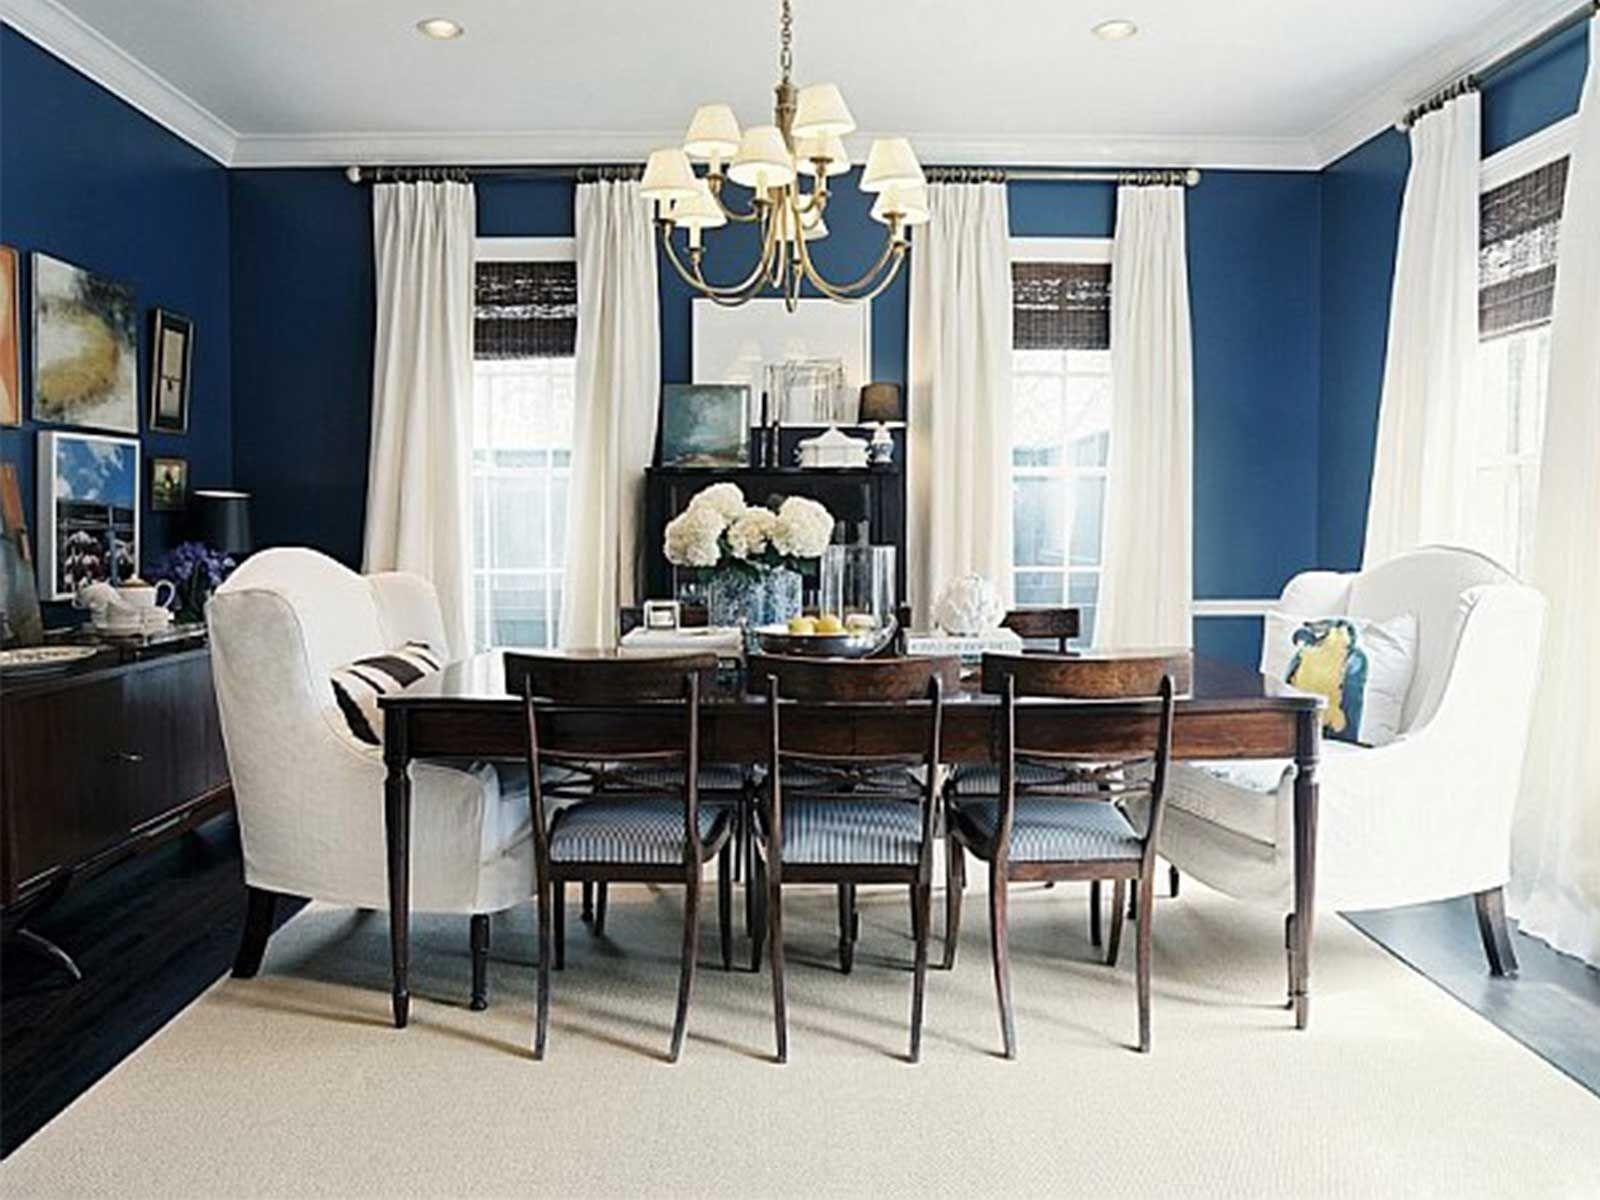 80 Dinner Room Wall Decoration Ideas Dining Room Blue Blue Dining Room Walls Farmhouse Dining Room